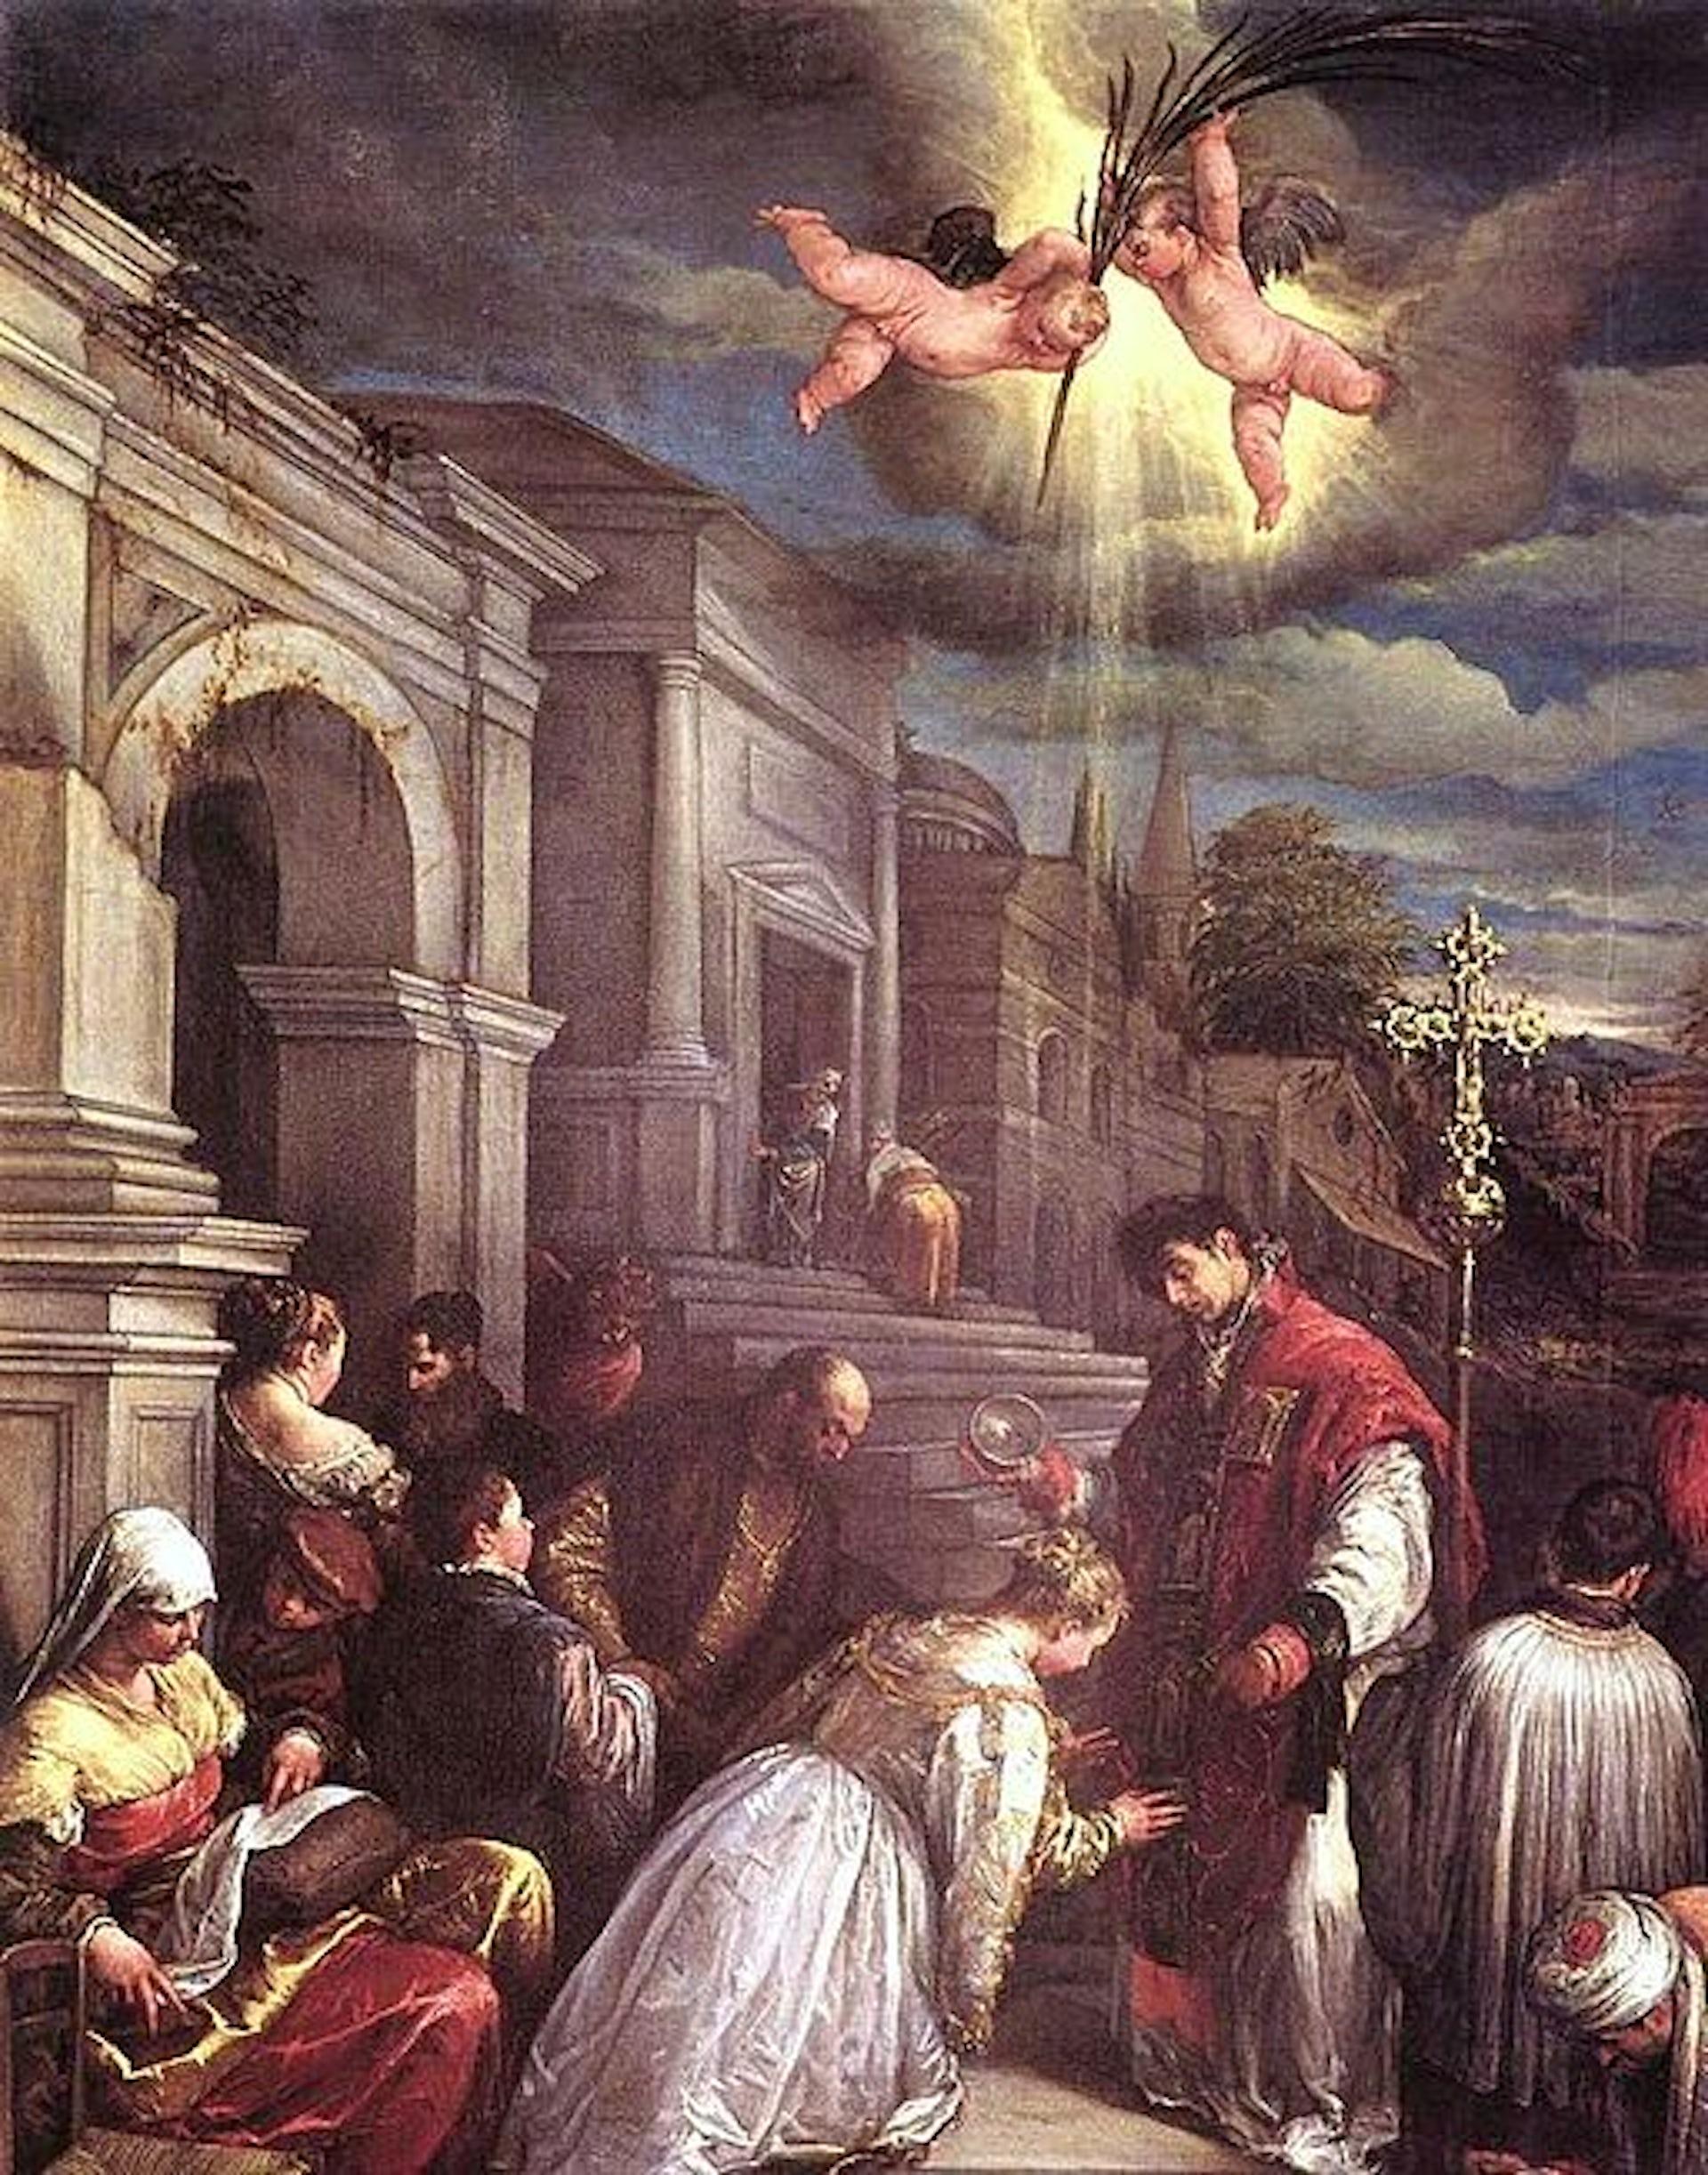 St. Valentine baptizing St. Lucilla. Jacopo Bassano (Jacopo da Ponte)